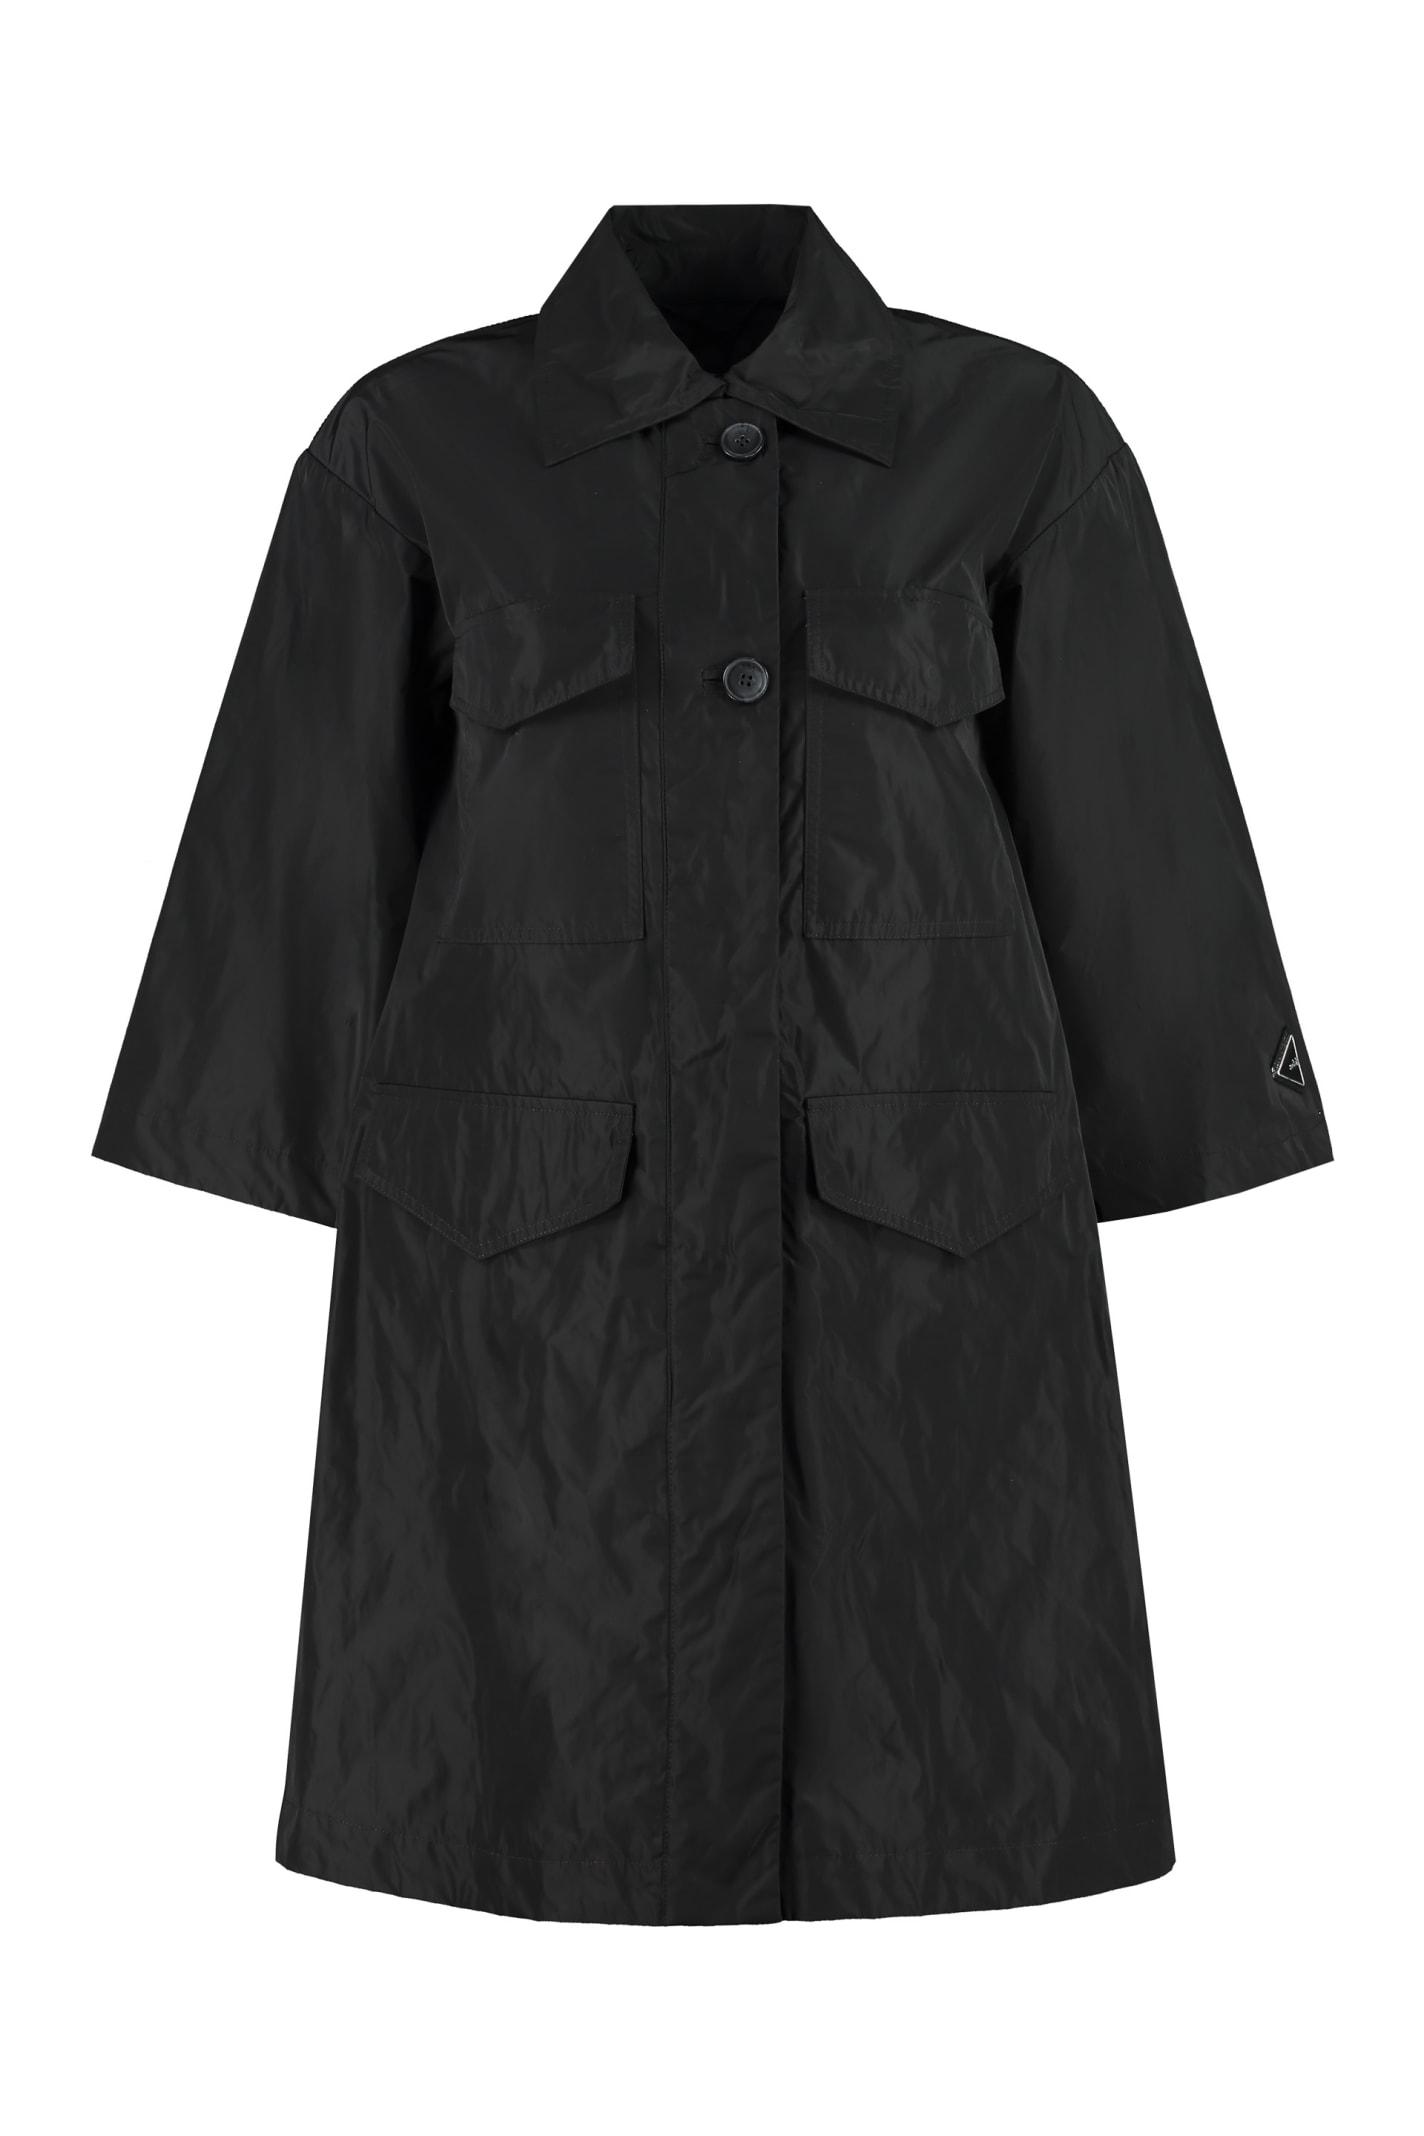 Add Techno Fabric Raincoat In Black